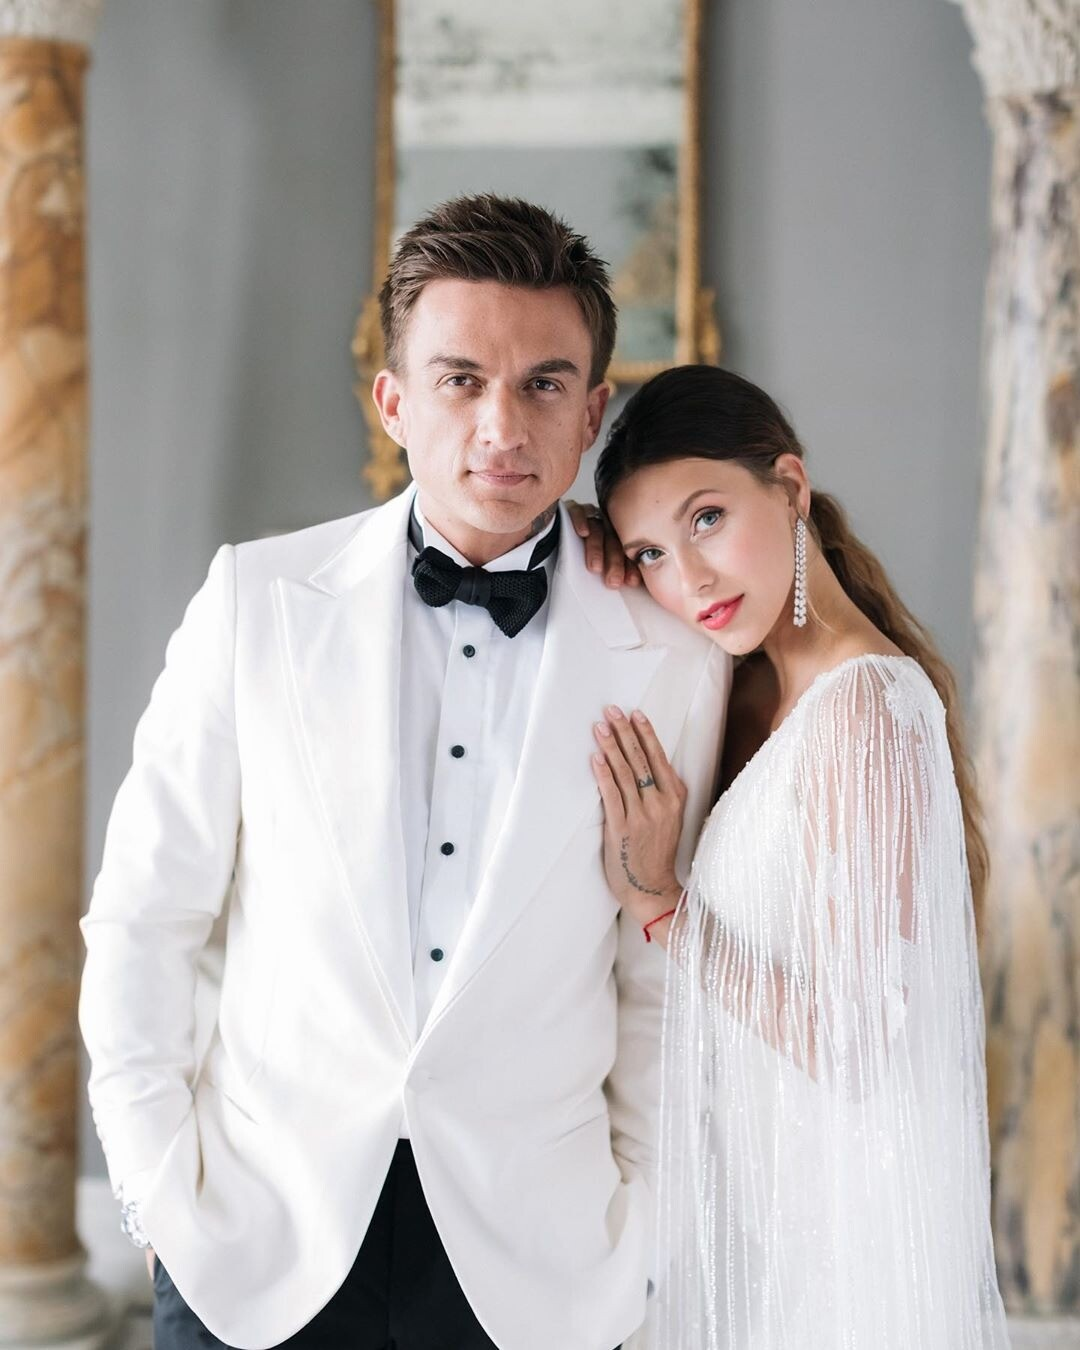 Регина Тодоренко и Влад Топалов поделились шикарными видео со свадьбы